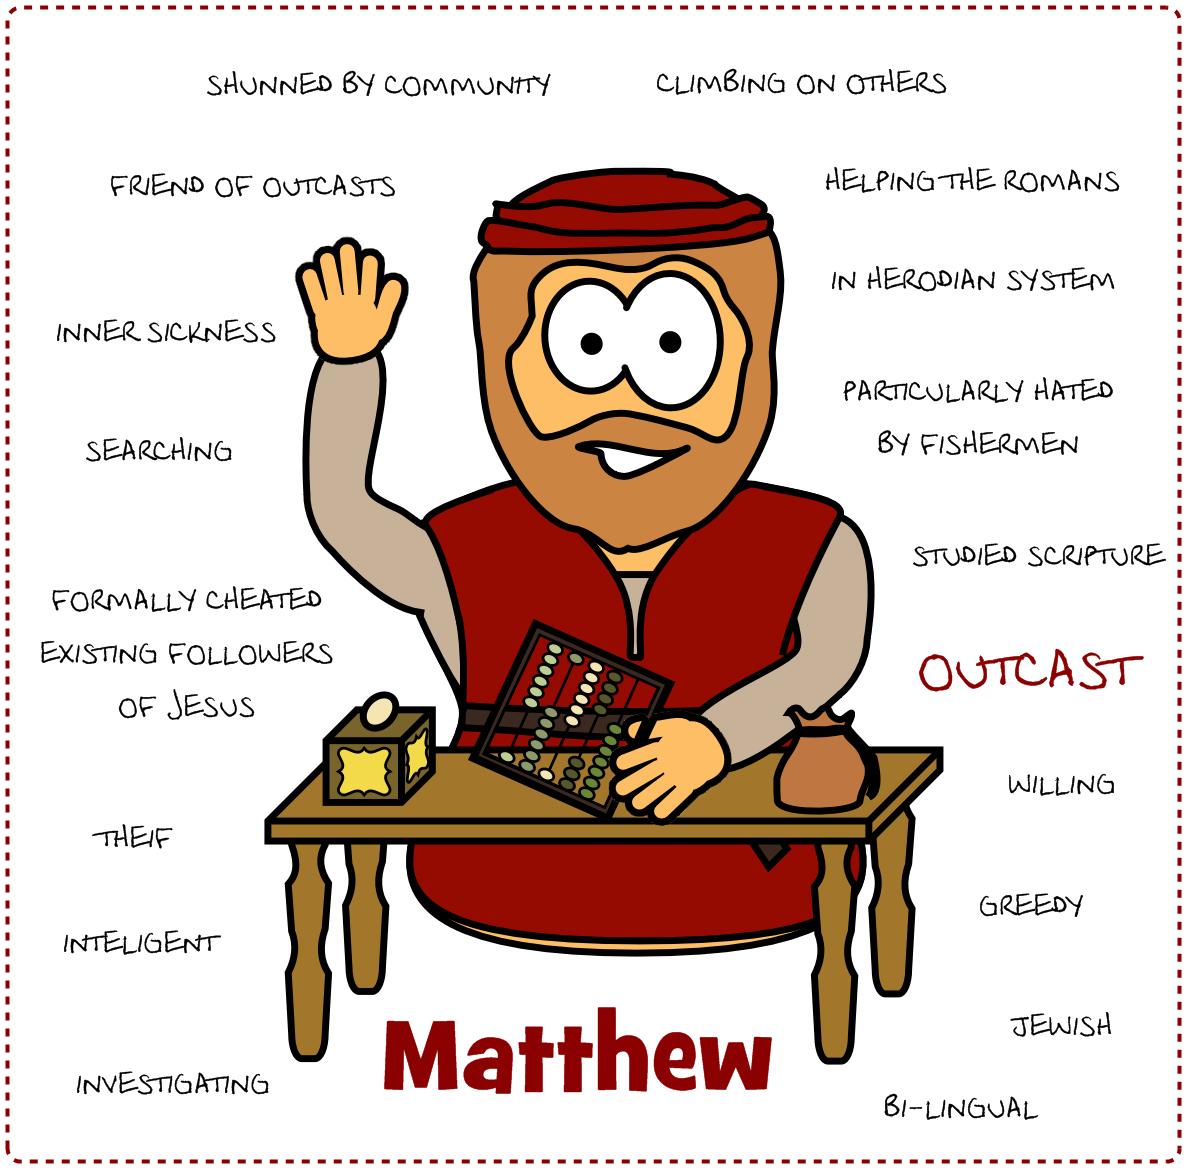 Matthew Matthew 9